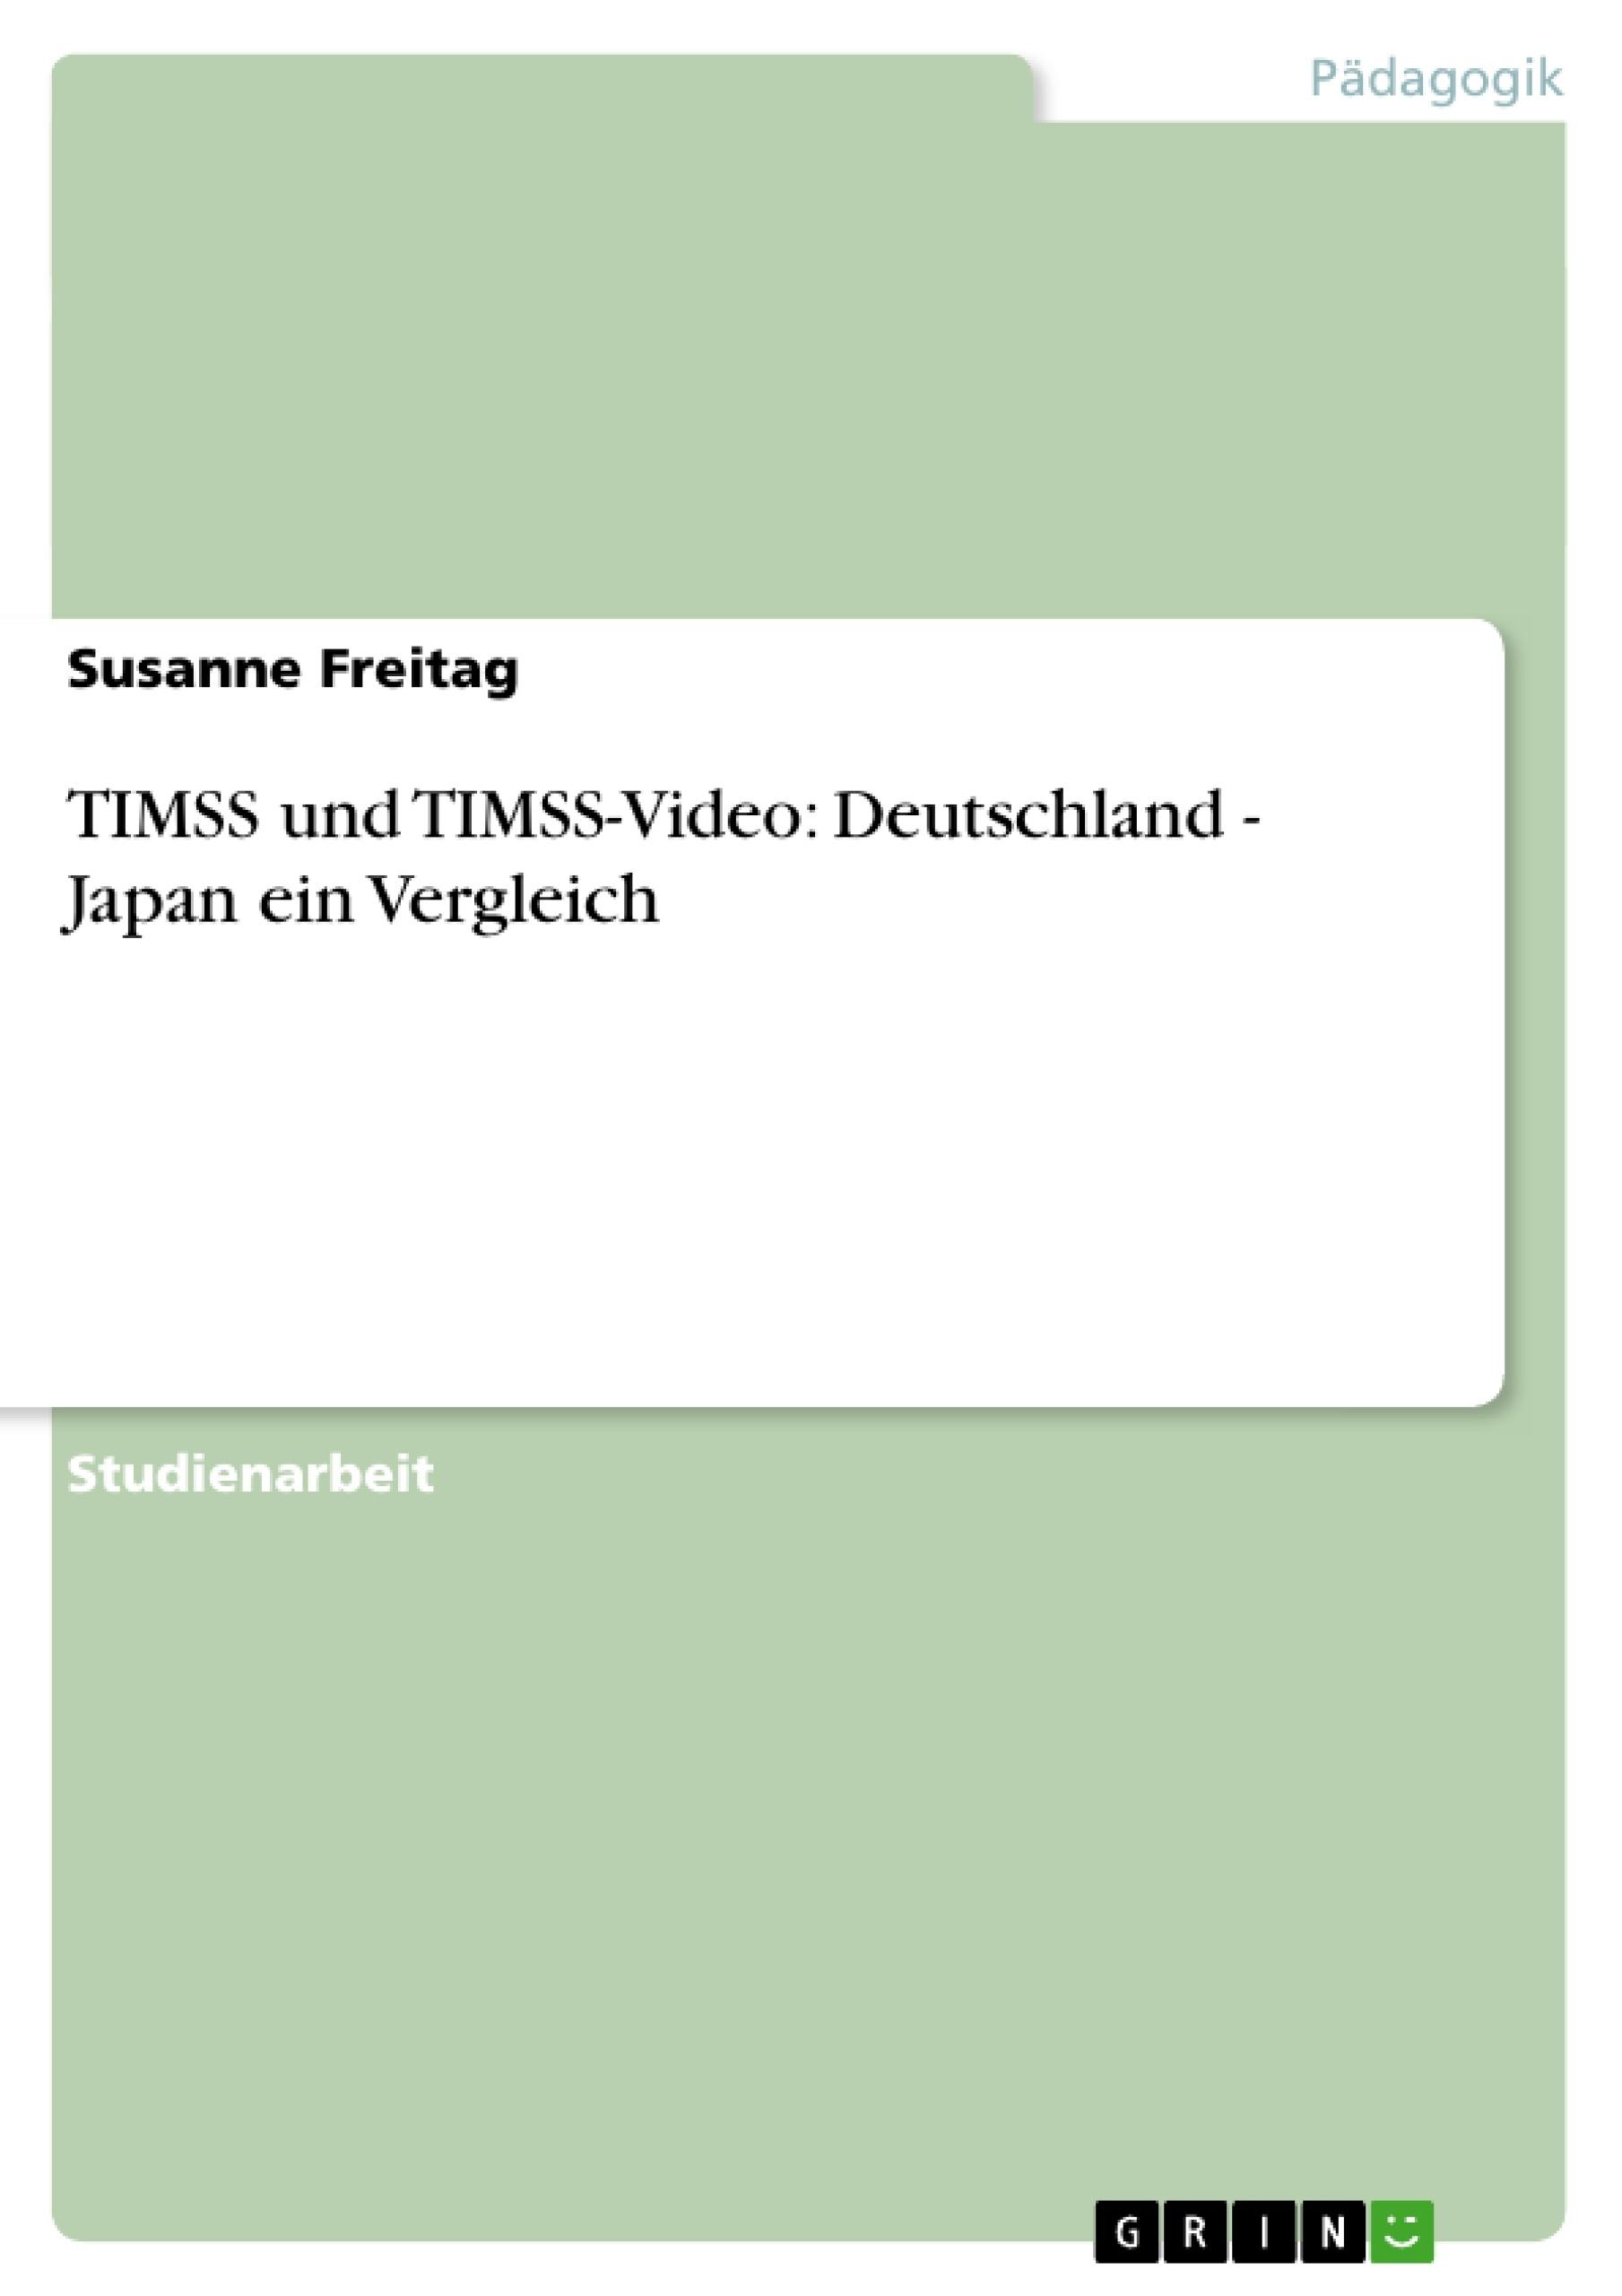 Titel: TIMSS und TIMSS-Video: Deutschland - Japan ein Vergleich